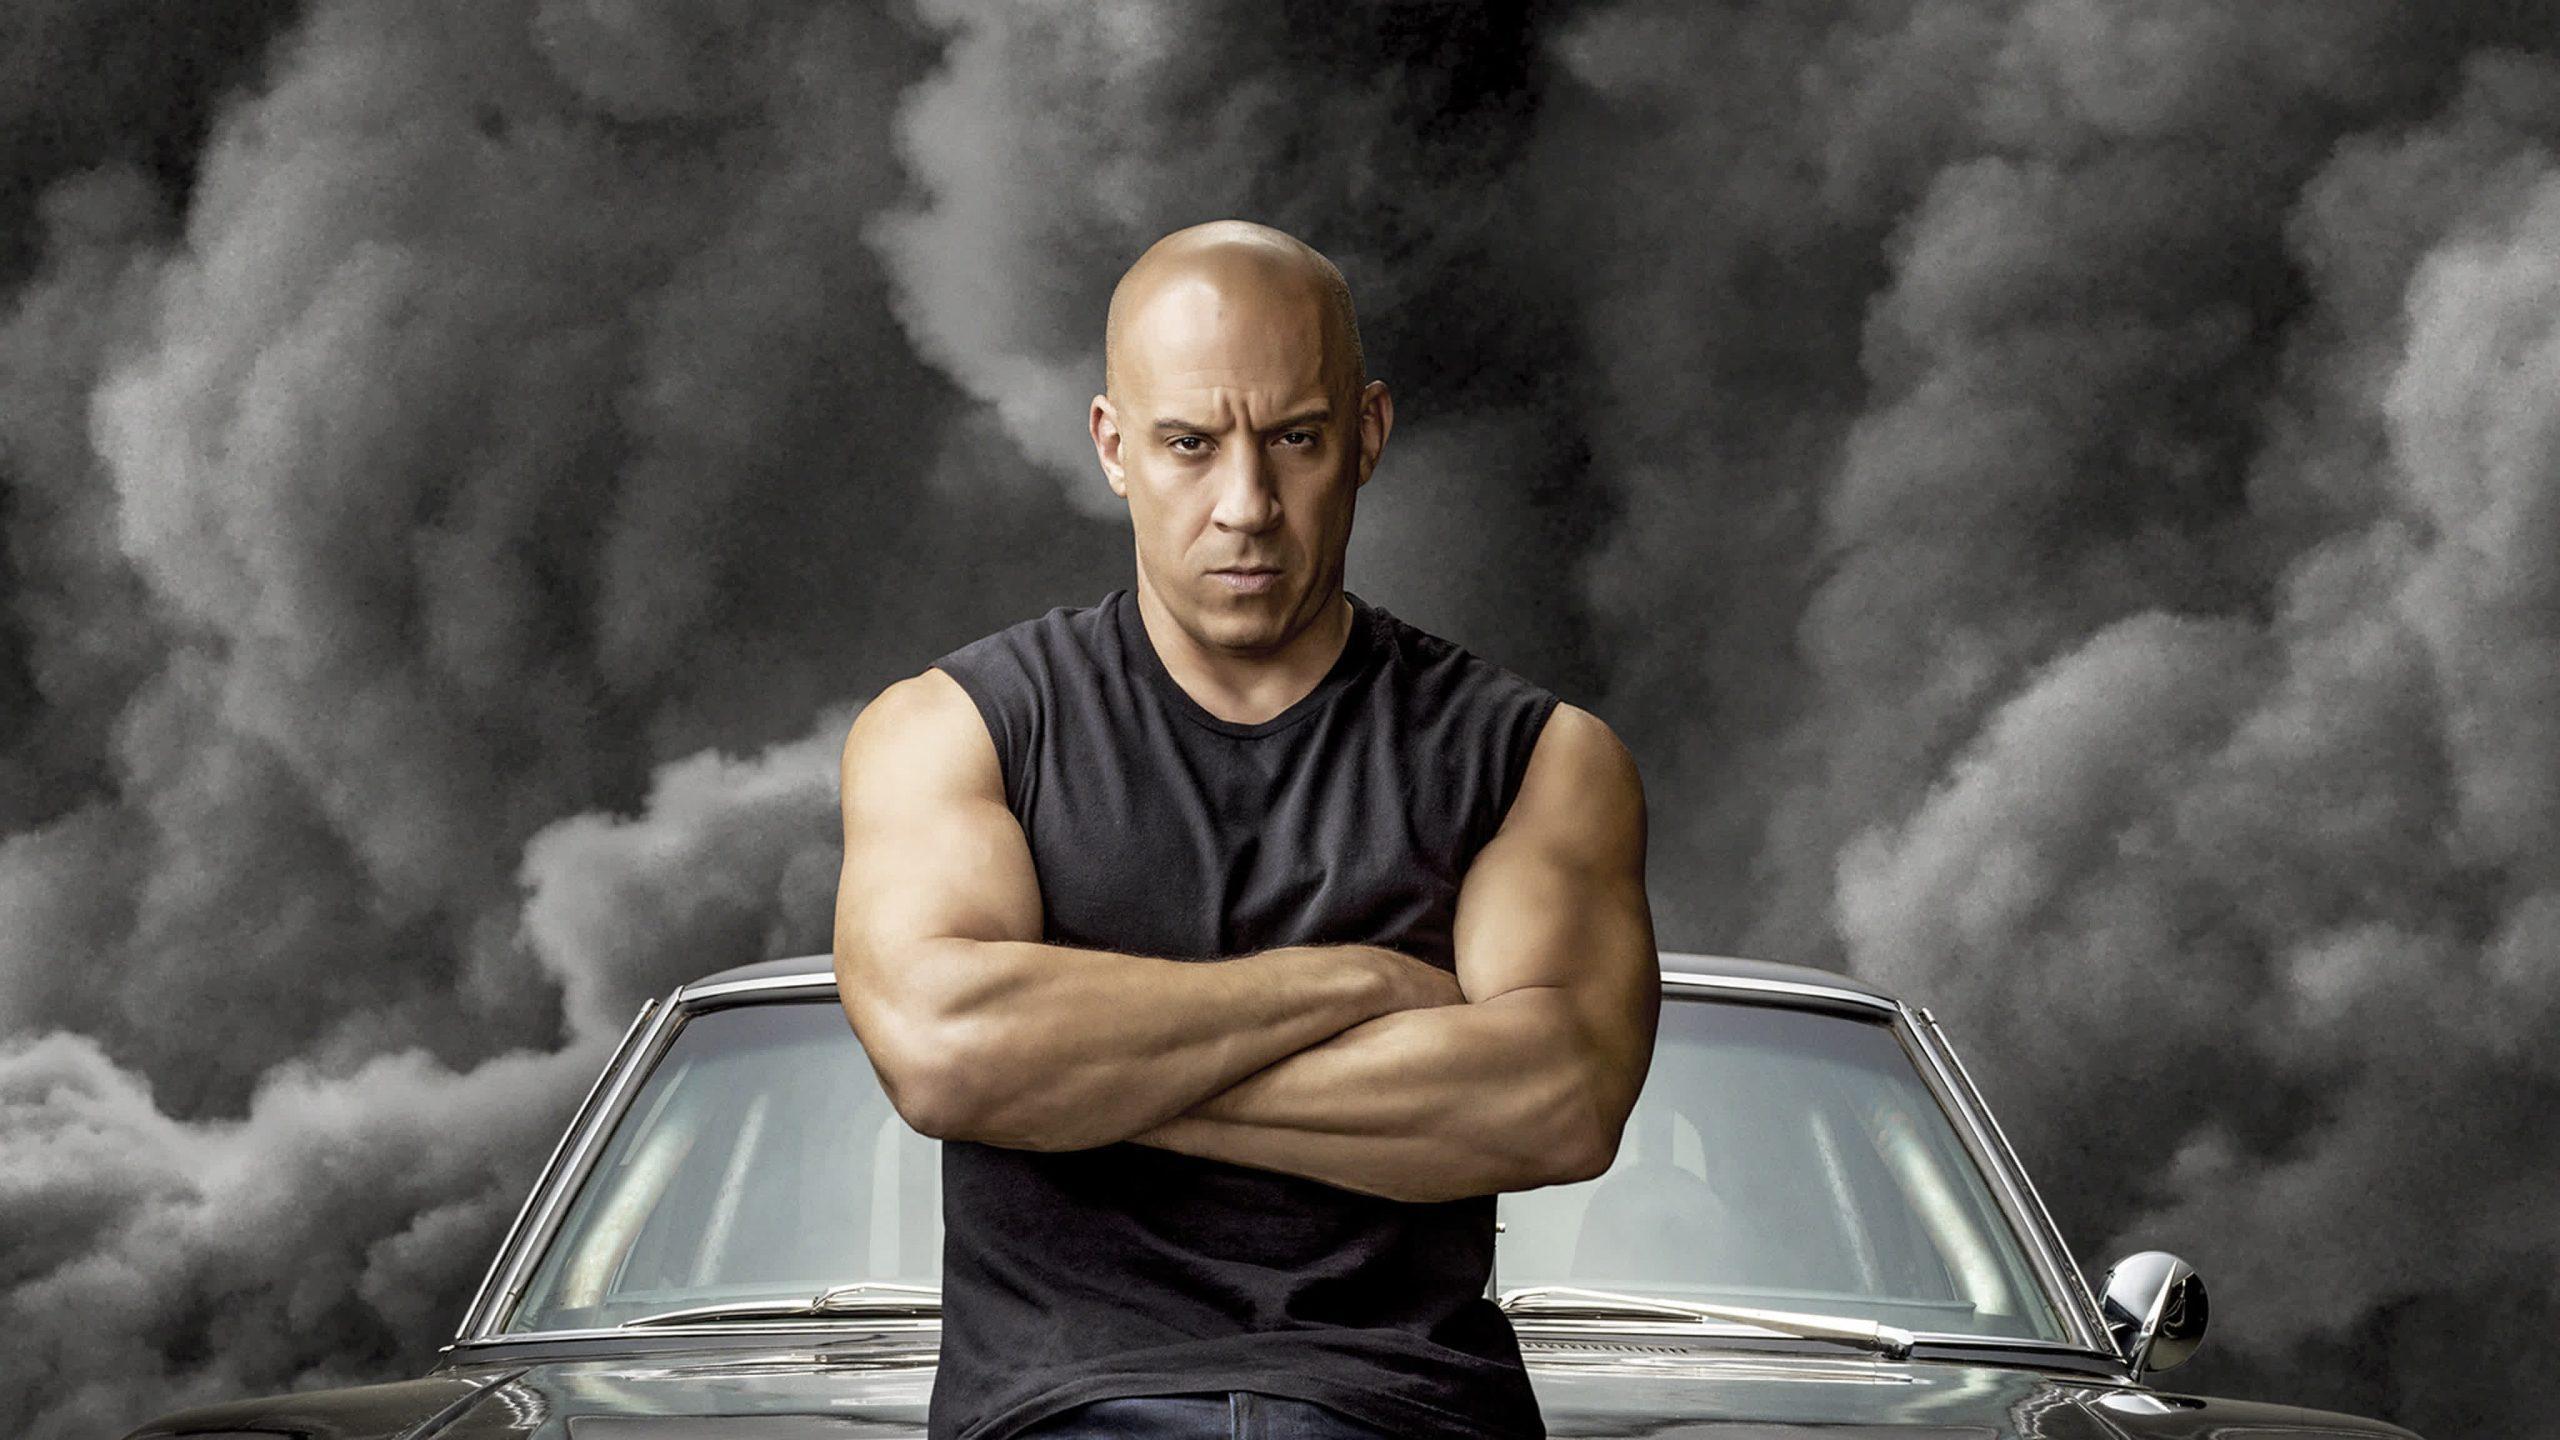 Siêu anh hùng của Vin Diesel trong 'Fast & Furious'